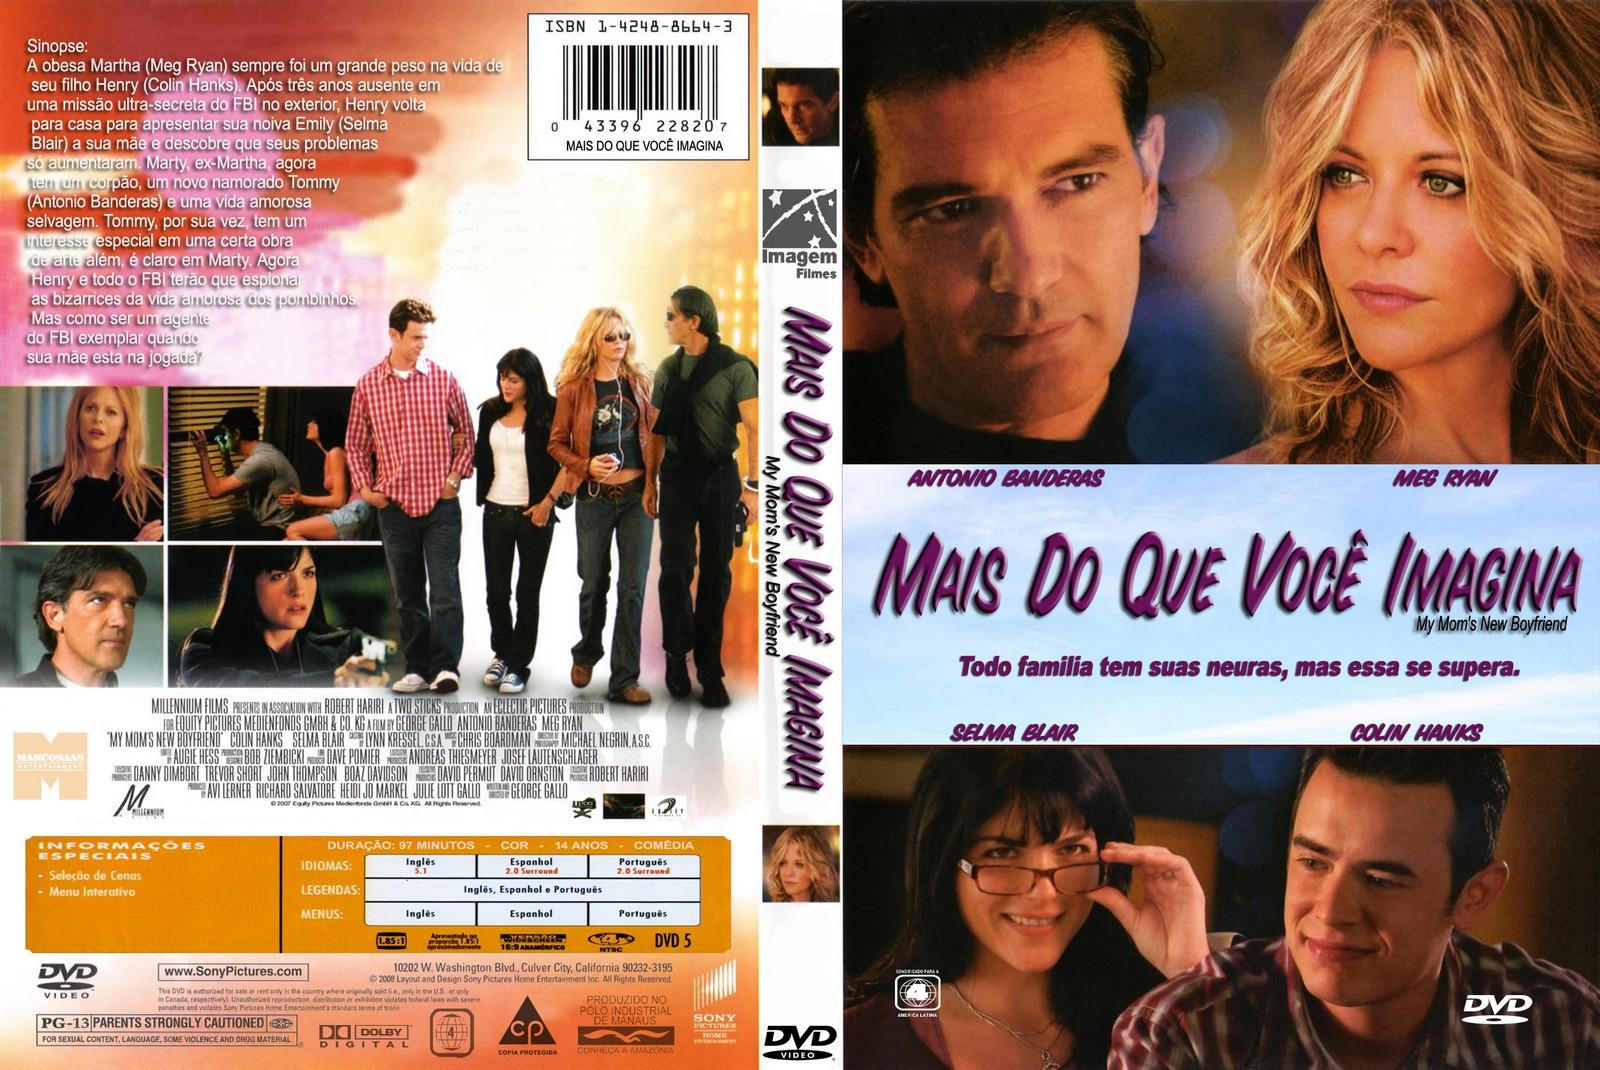 http://2.bp.blogspot.com/_eoutIDi4zcY/S-hsMnI9GOI/AAAAAAAAAy0/IrdFTsMIkiQ/s1600/Mais+Do+Que+Voce+Imagina.jpg